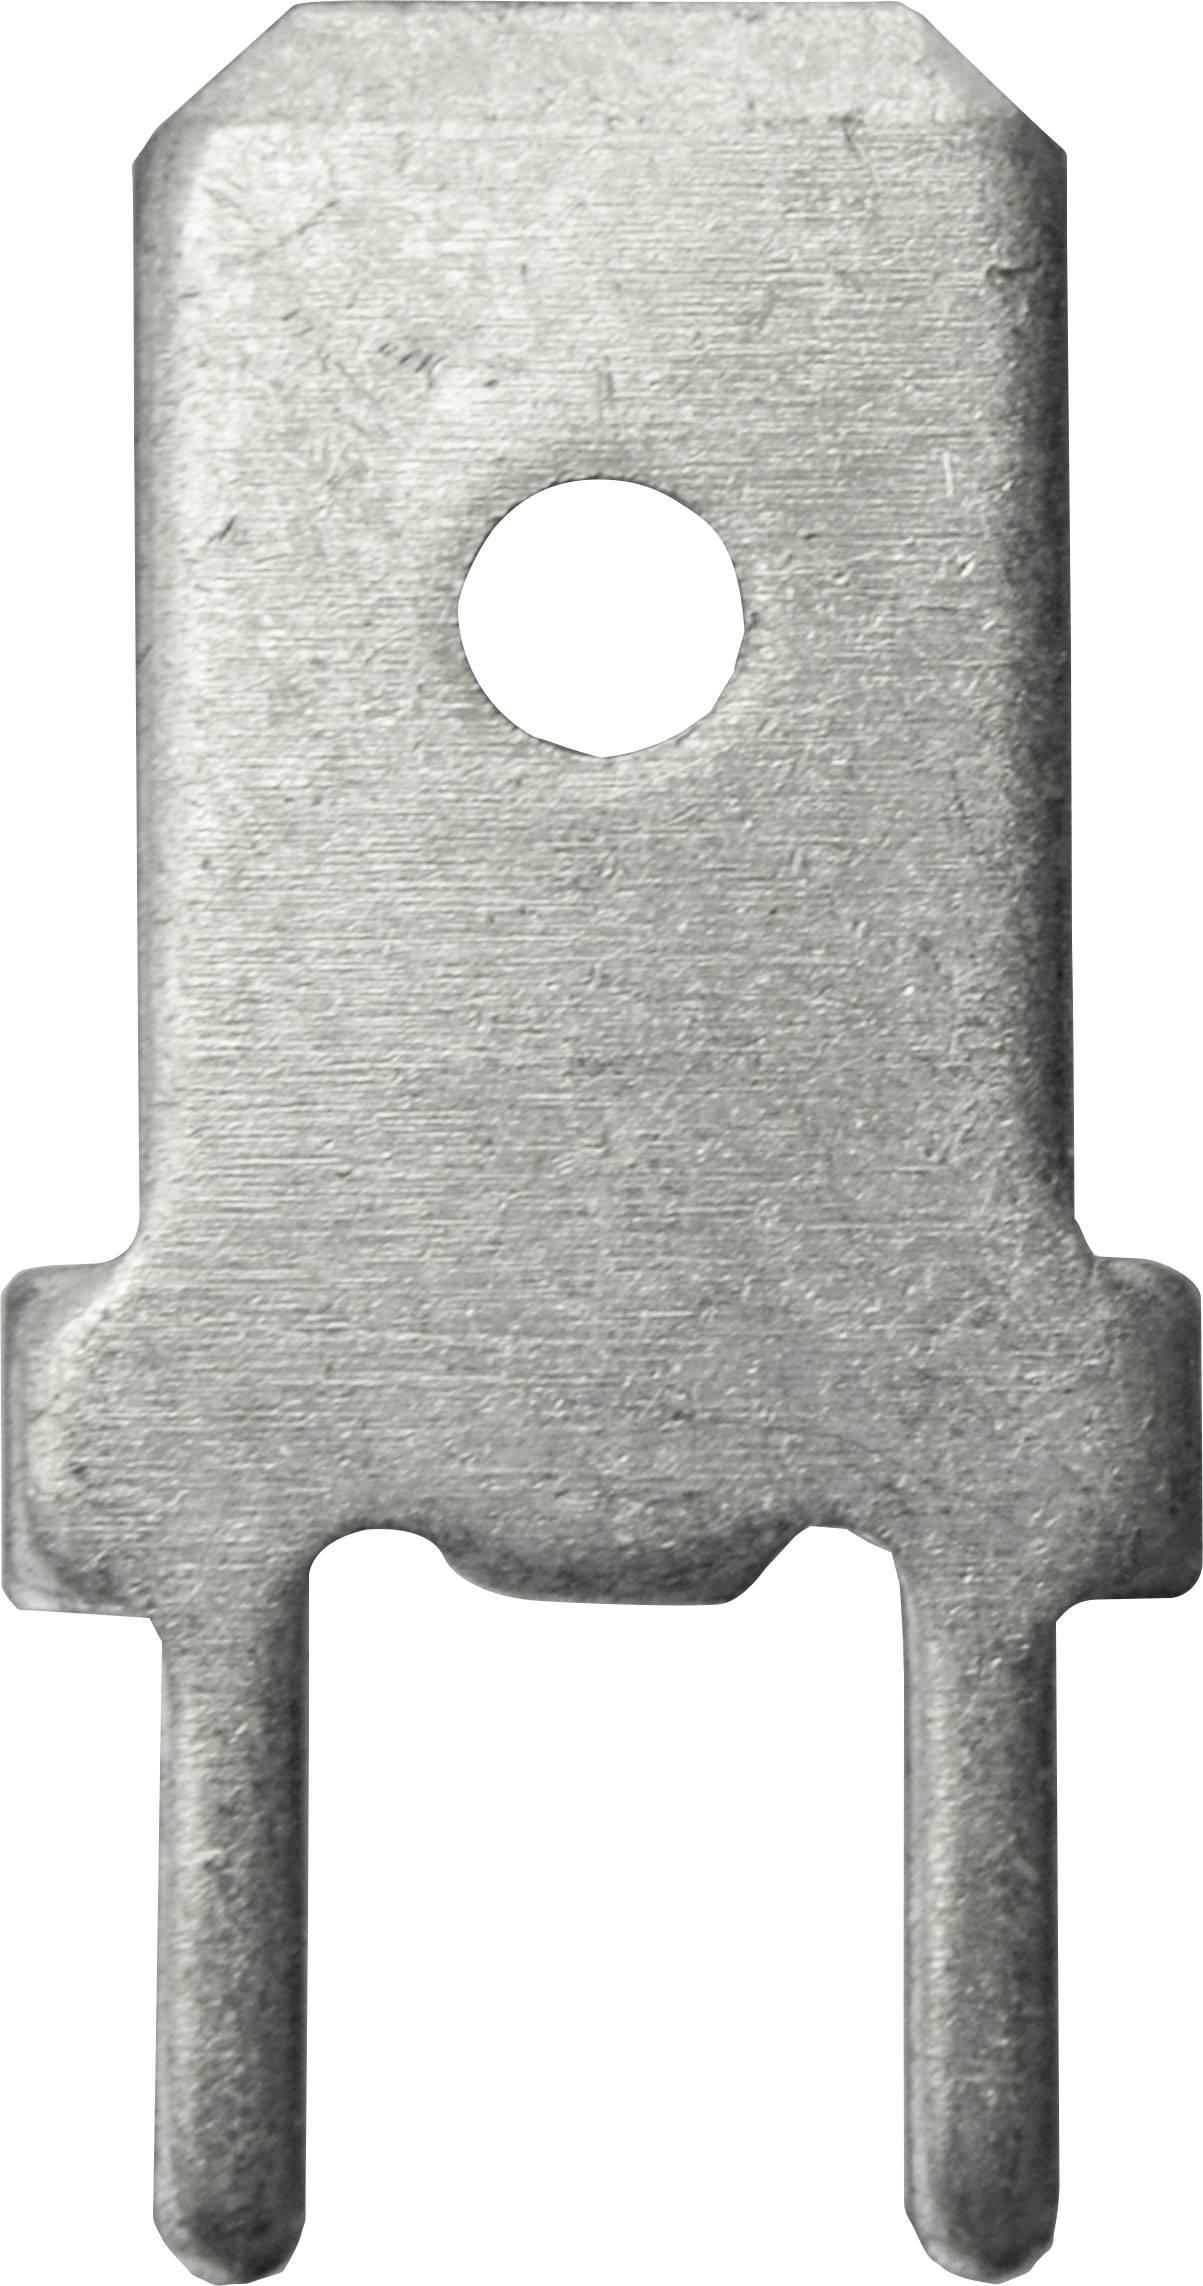 Faston zástrčka Vogt Verbindungstechnik 3866z.68 6.3 mm x 180 °, bez izolace, kov, 1 ks